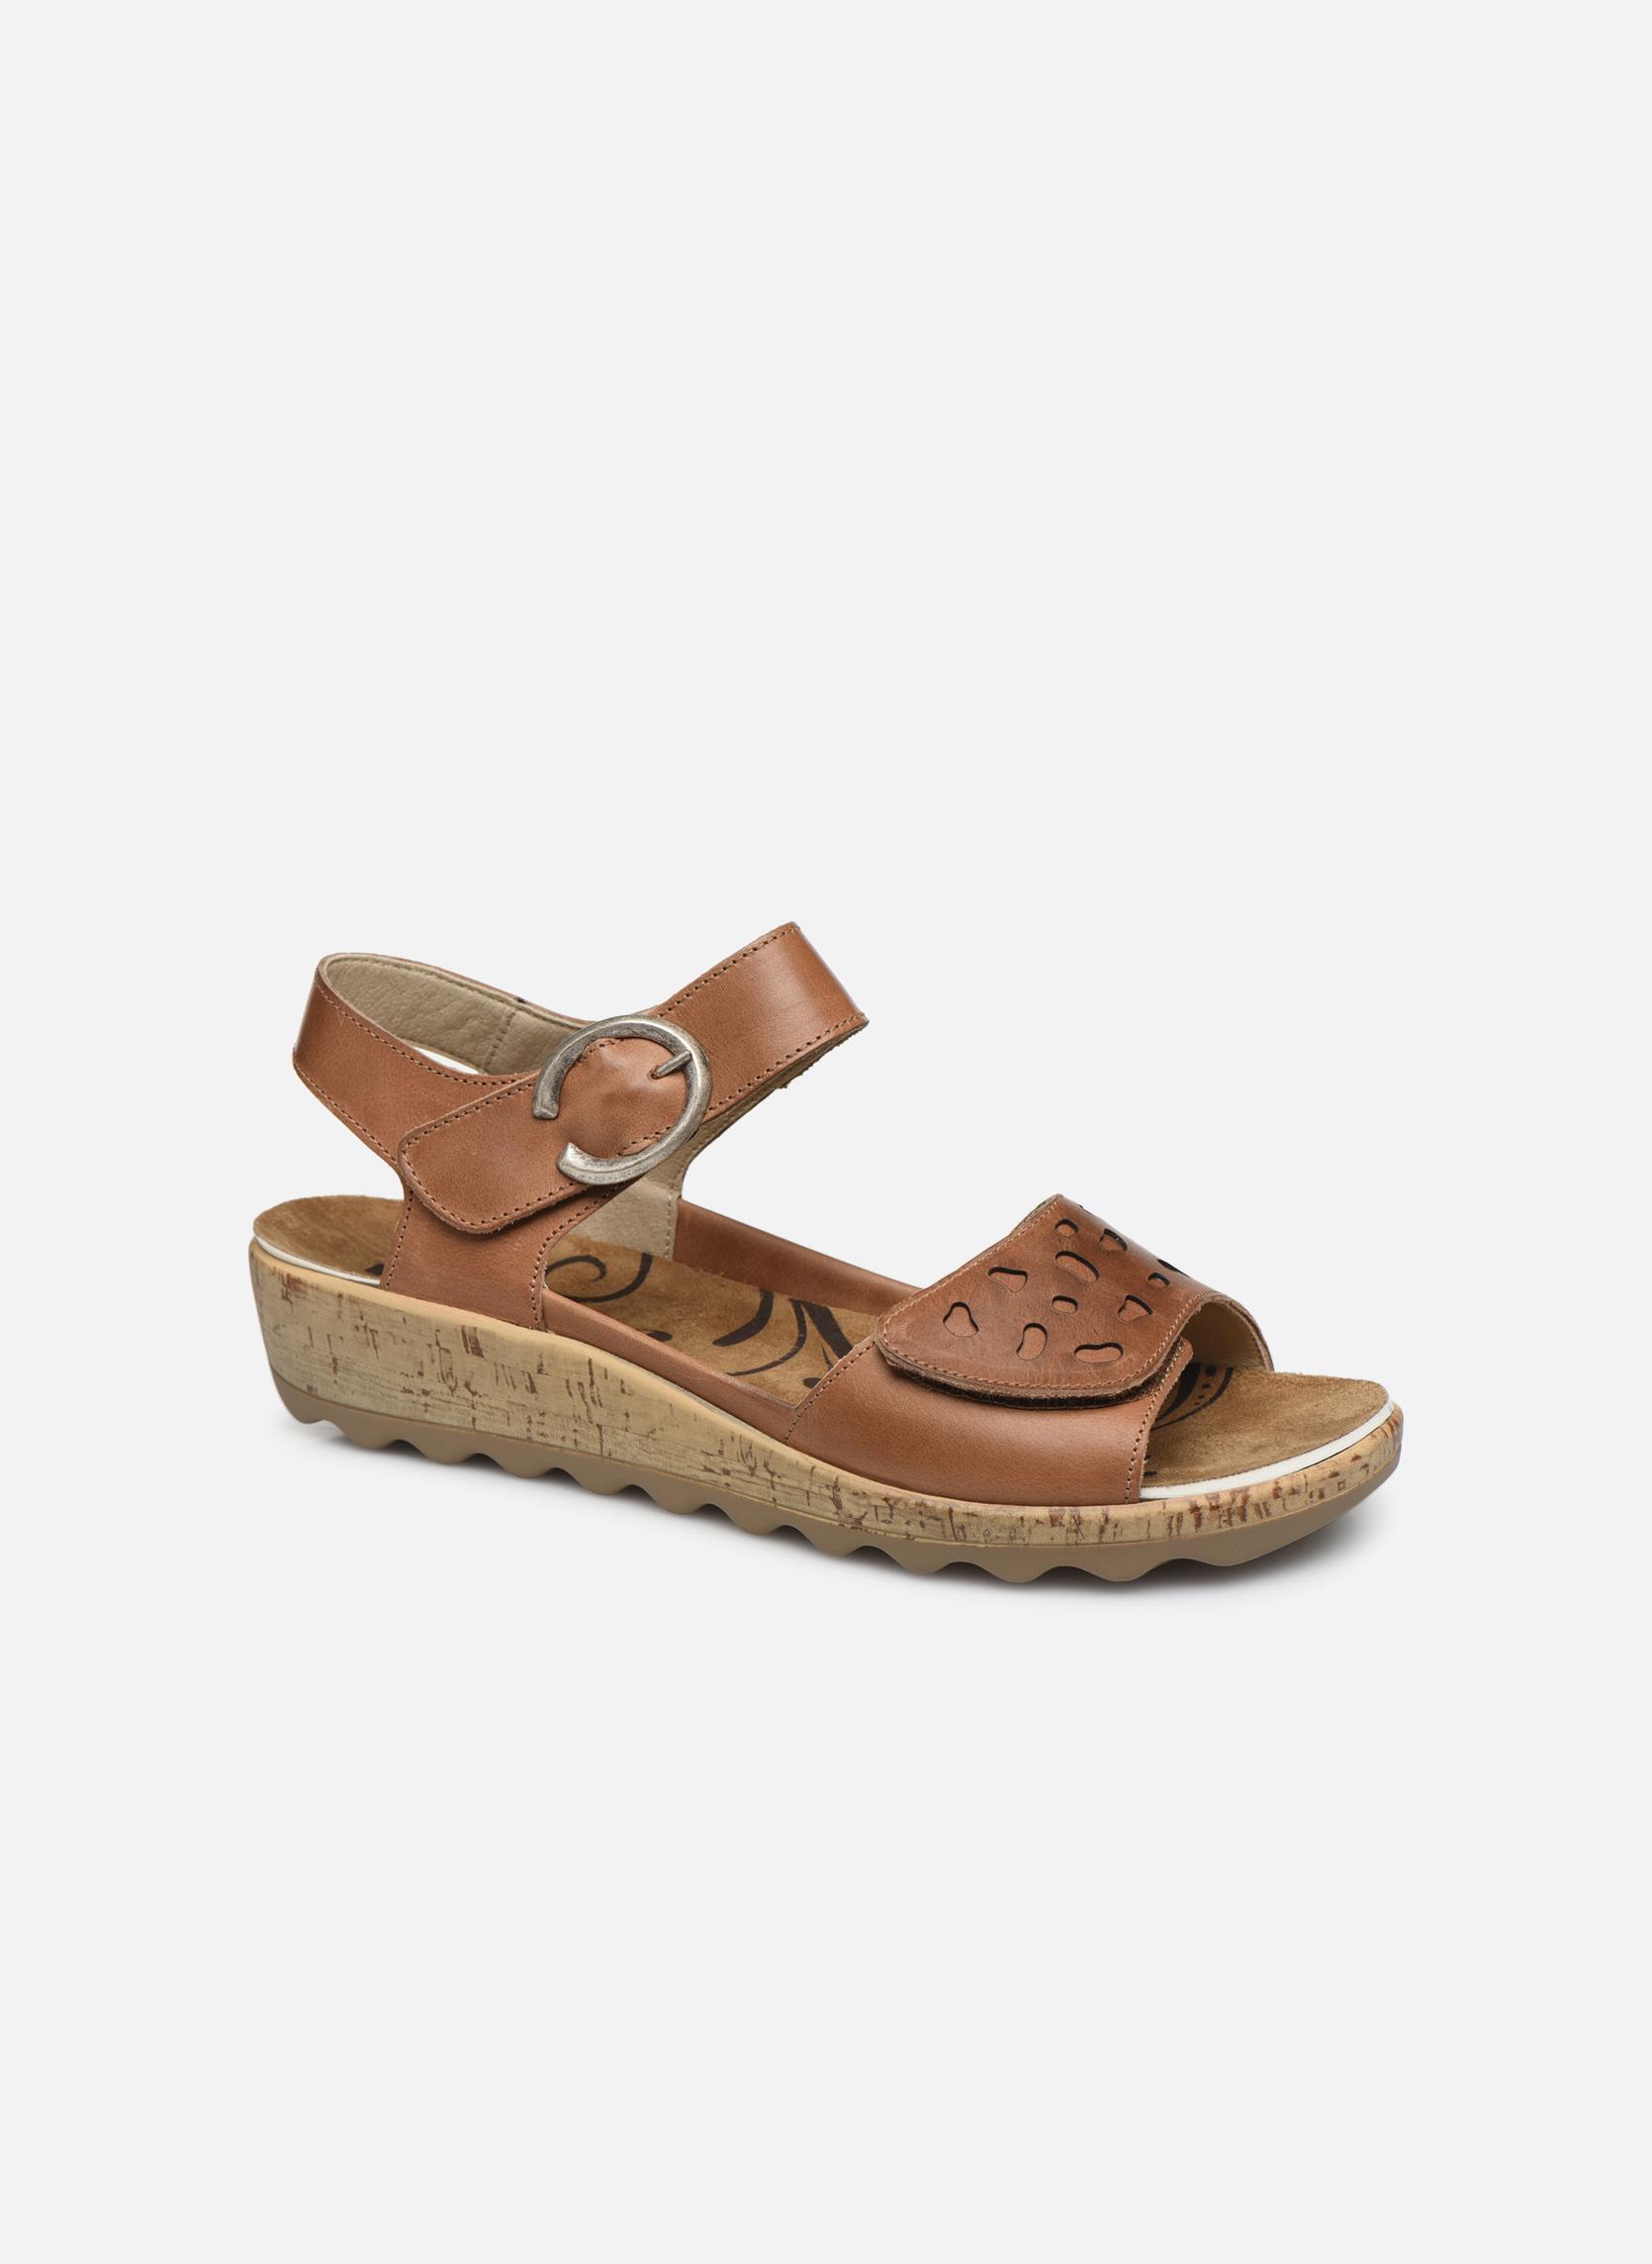 5e0e9c79d486 Romika Gina 02 (Marron) - Sandales et nu-pieds chez Sarenza (313802)  GH8HUA1Z - destrainspourtous.fr